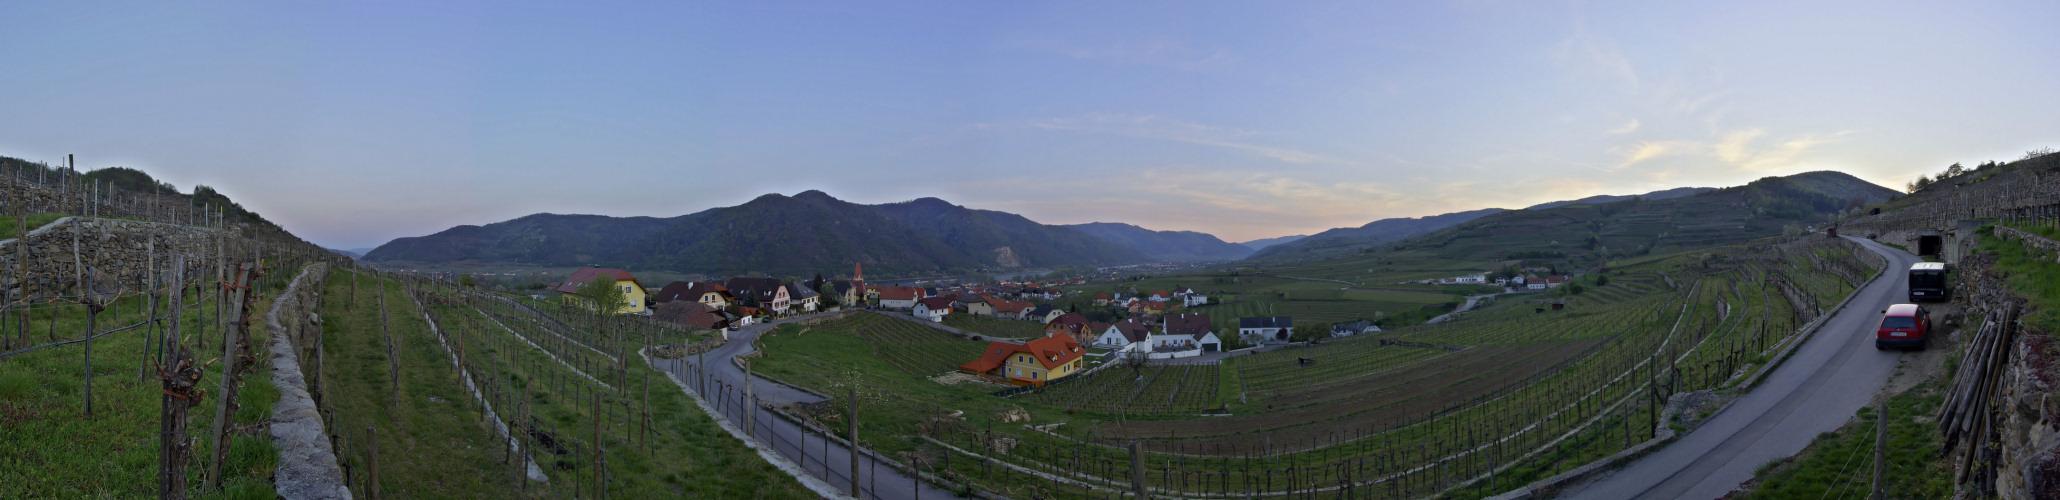 Weißenkichen, Wachau